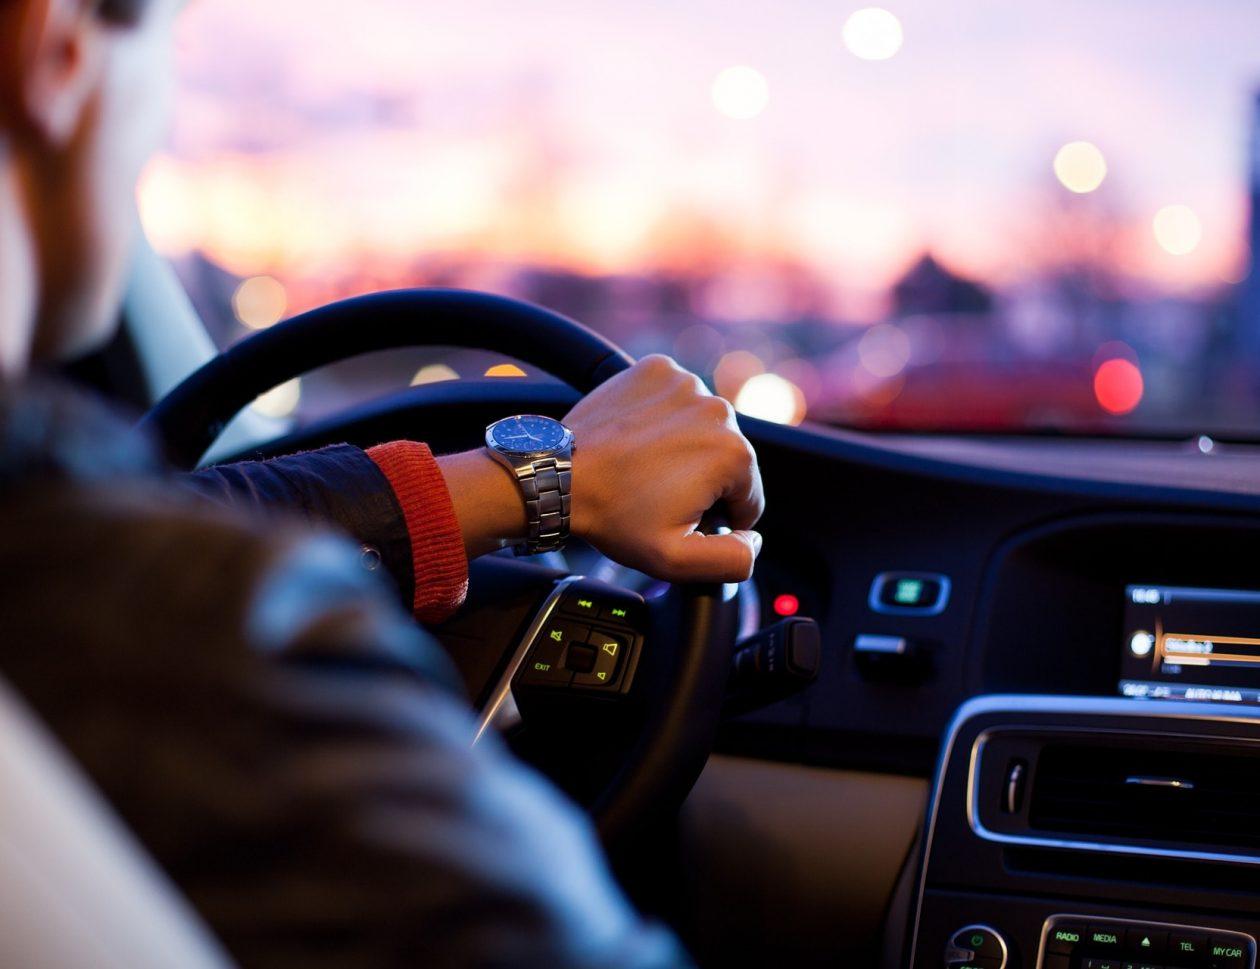 Kręgosłup za kierownicą, czyli jak ograniczyć ból pleców podczas jazdy samochodem